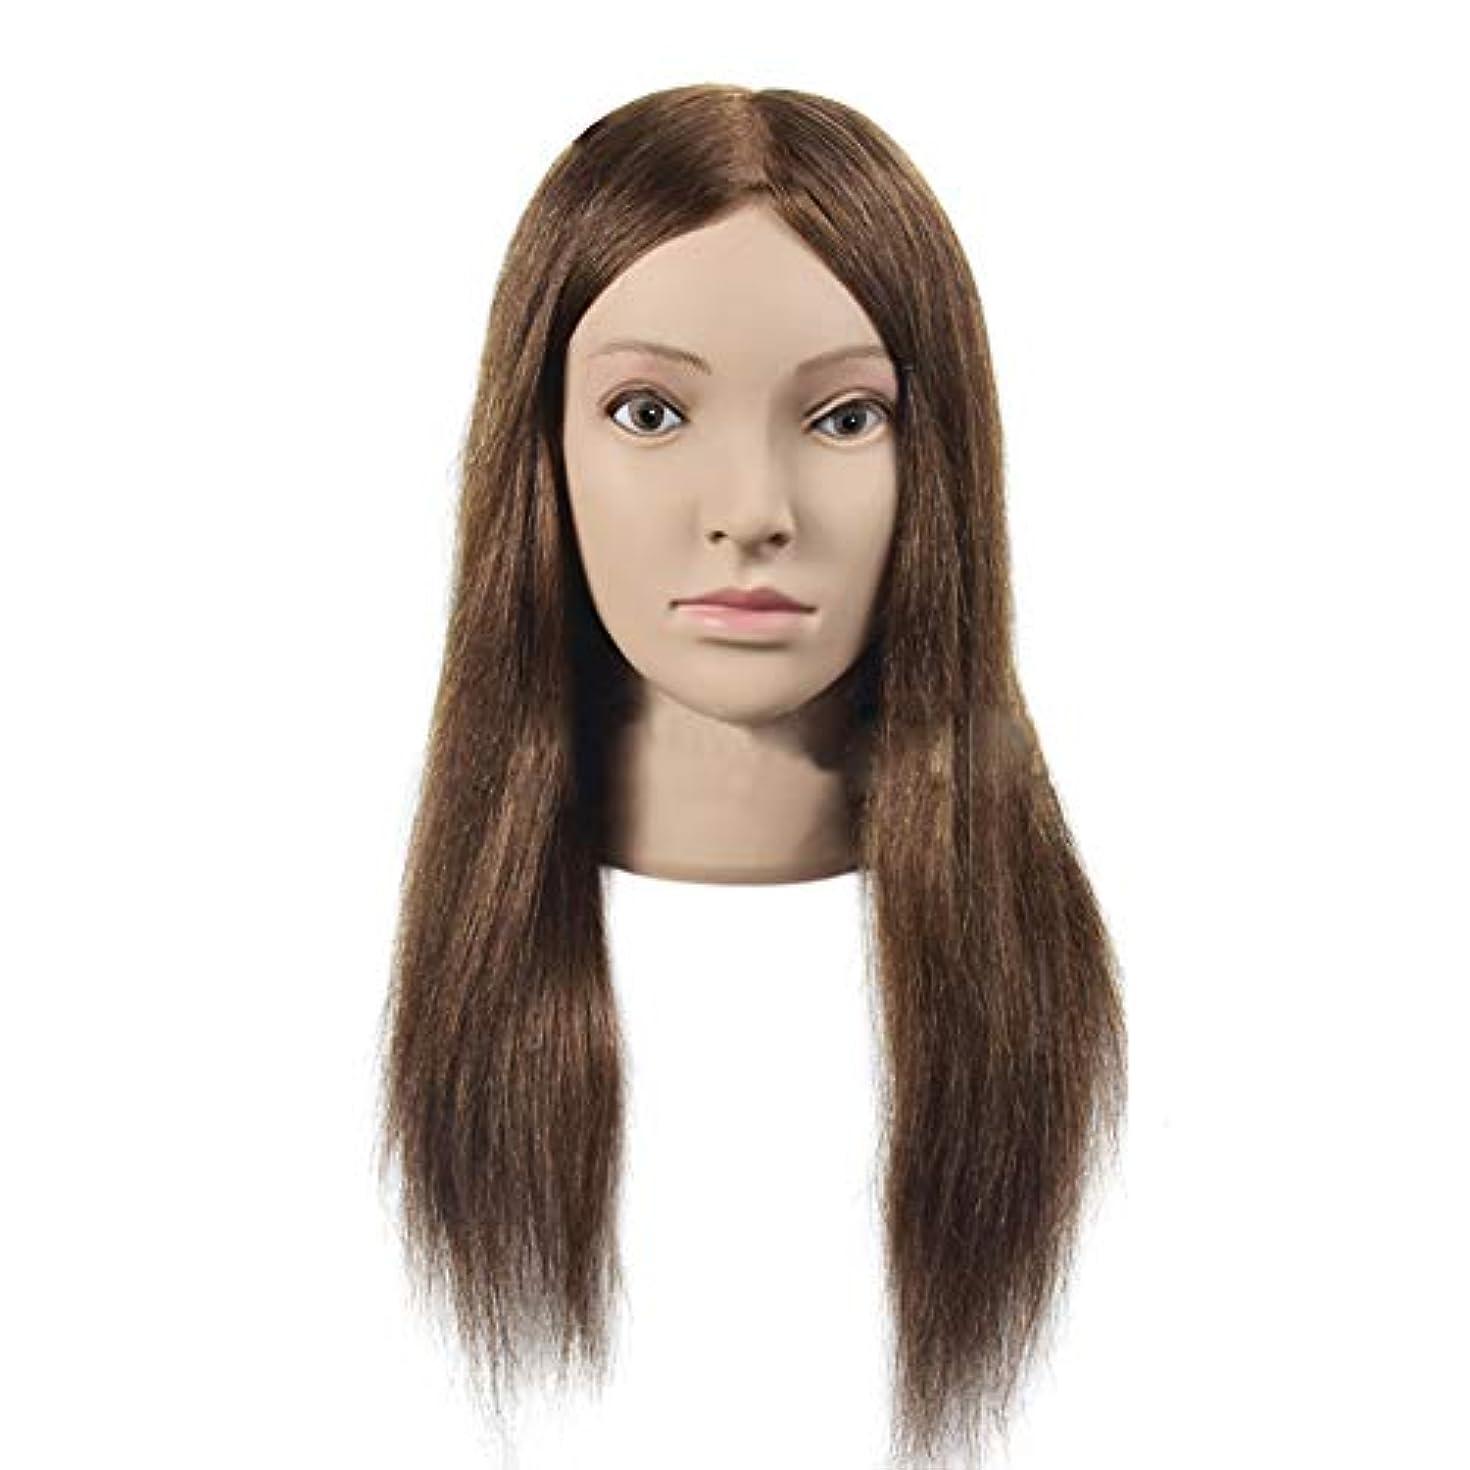 すばらしいです宿泊うまくやる()専門の練習ホット染色漂白はさみモデリングマネキン髪編組髪かつら女性モデルティーチングヘッド